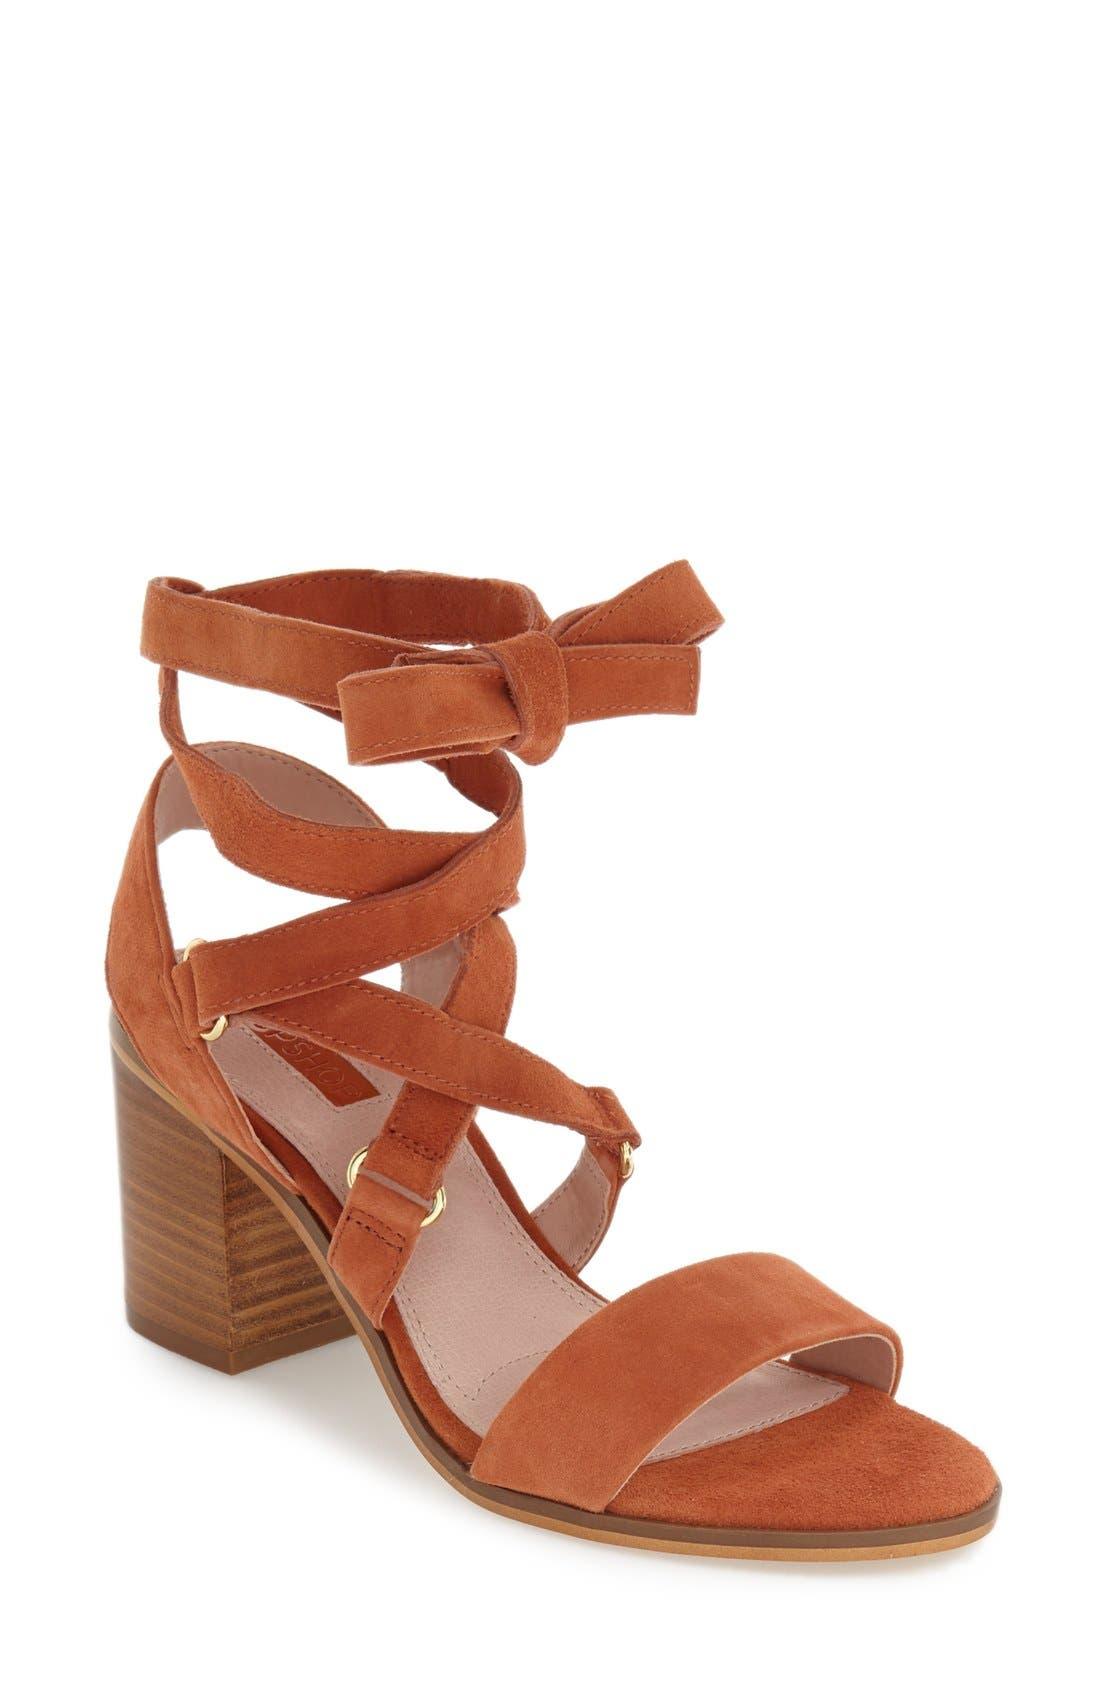 'Nadra' Lace-Up Sandal,                             Main thumbnail 1, color,                             Orange Suede